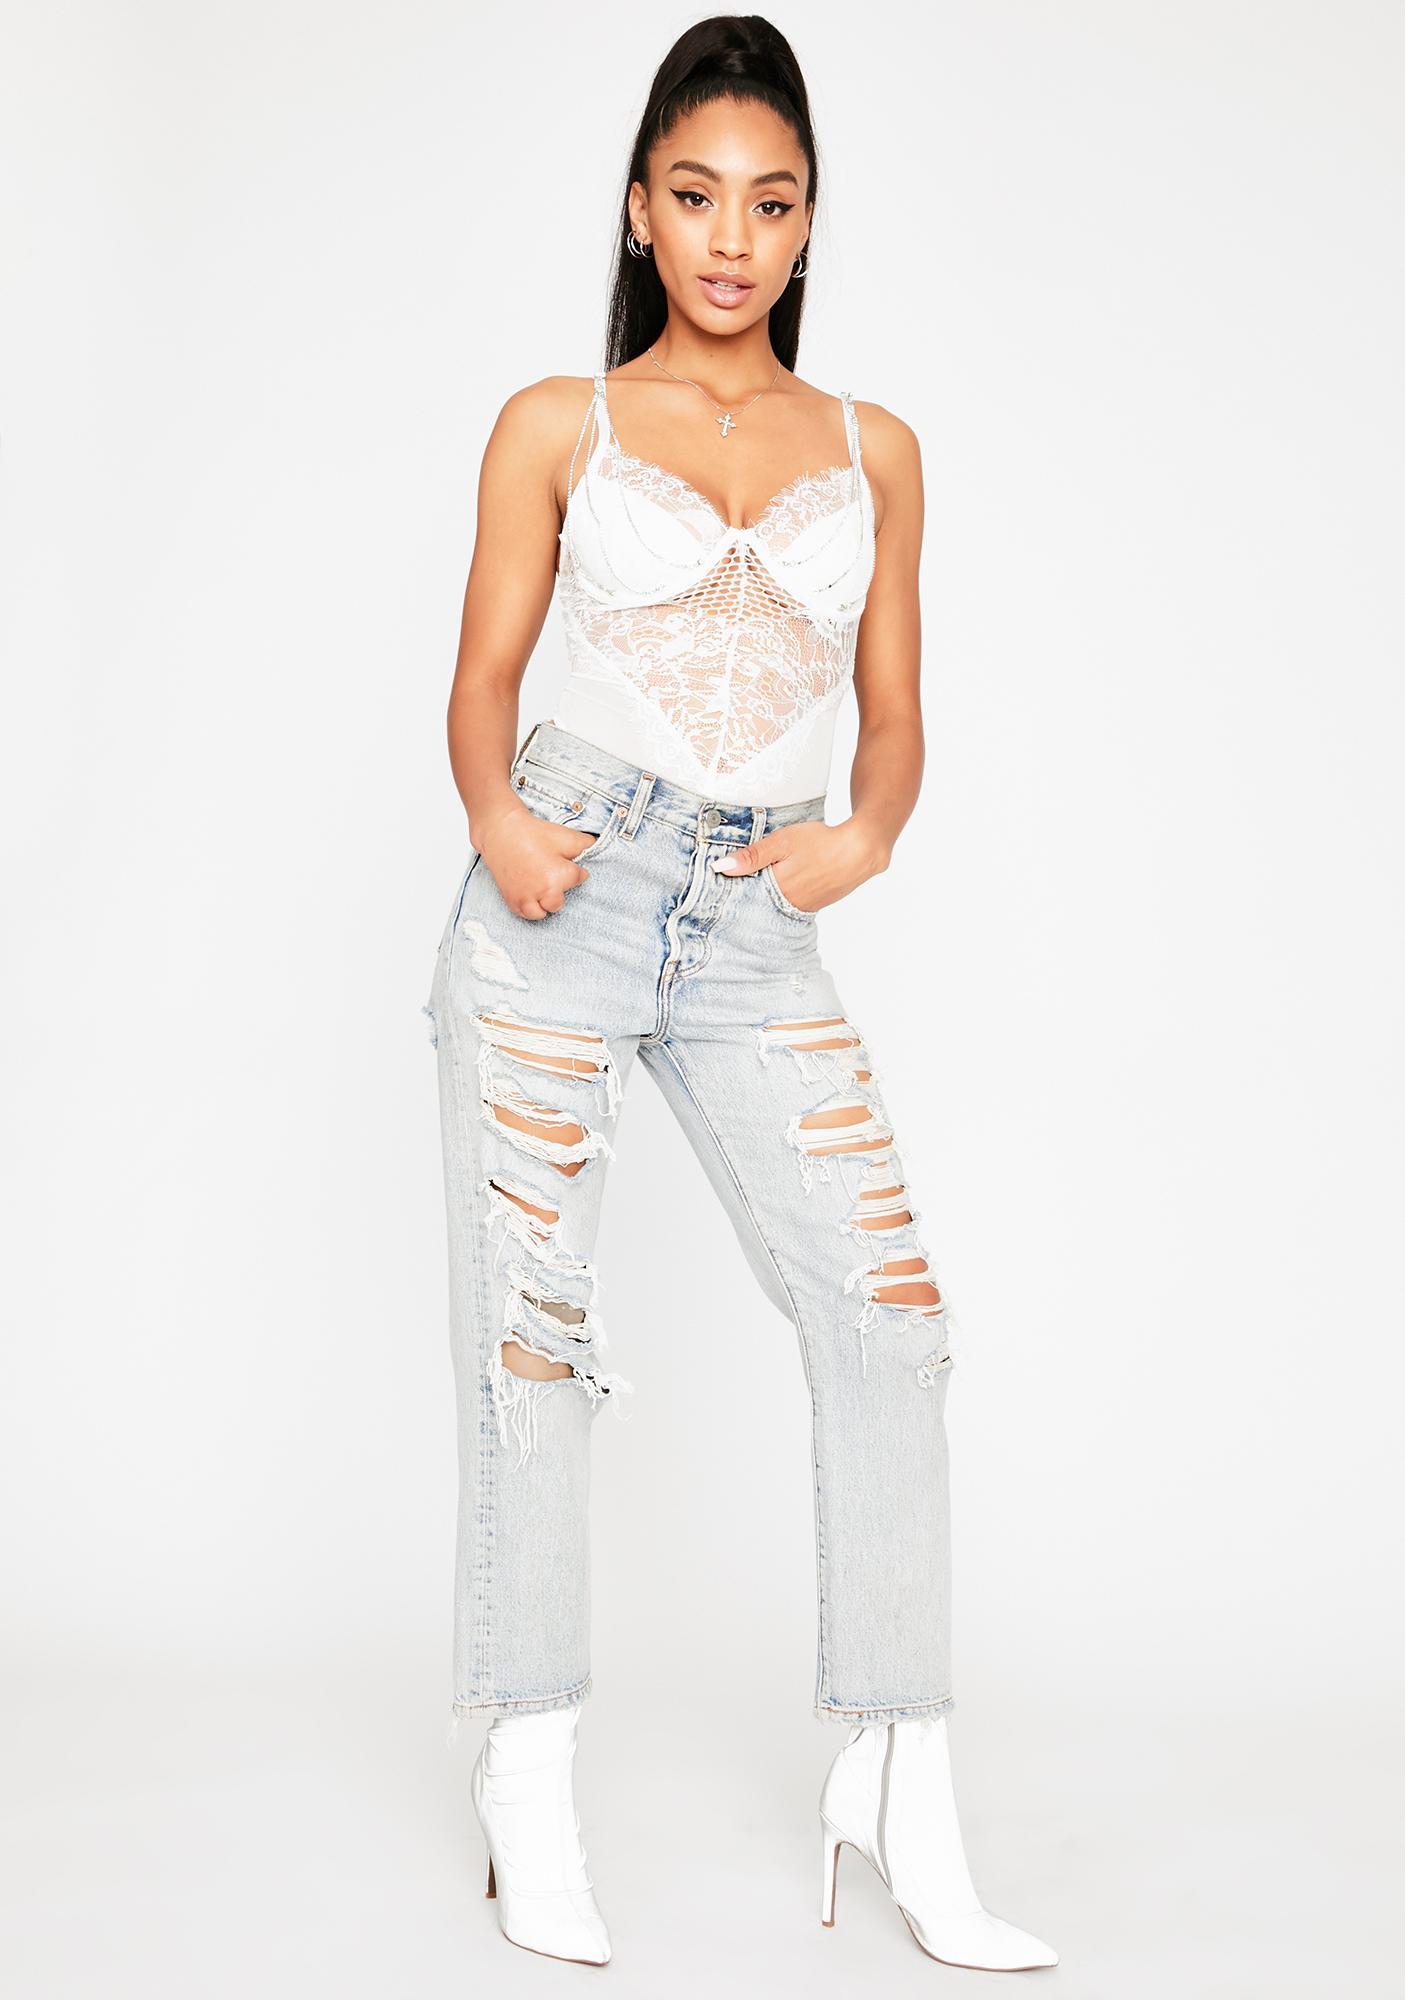 Heavenly Mischief Lace Bodysuit